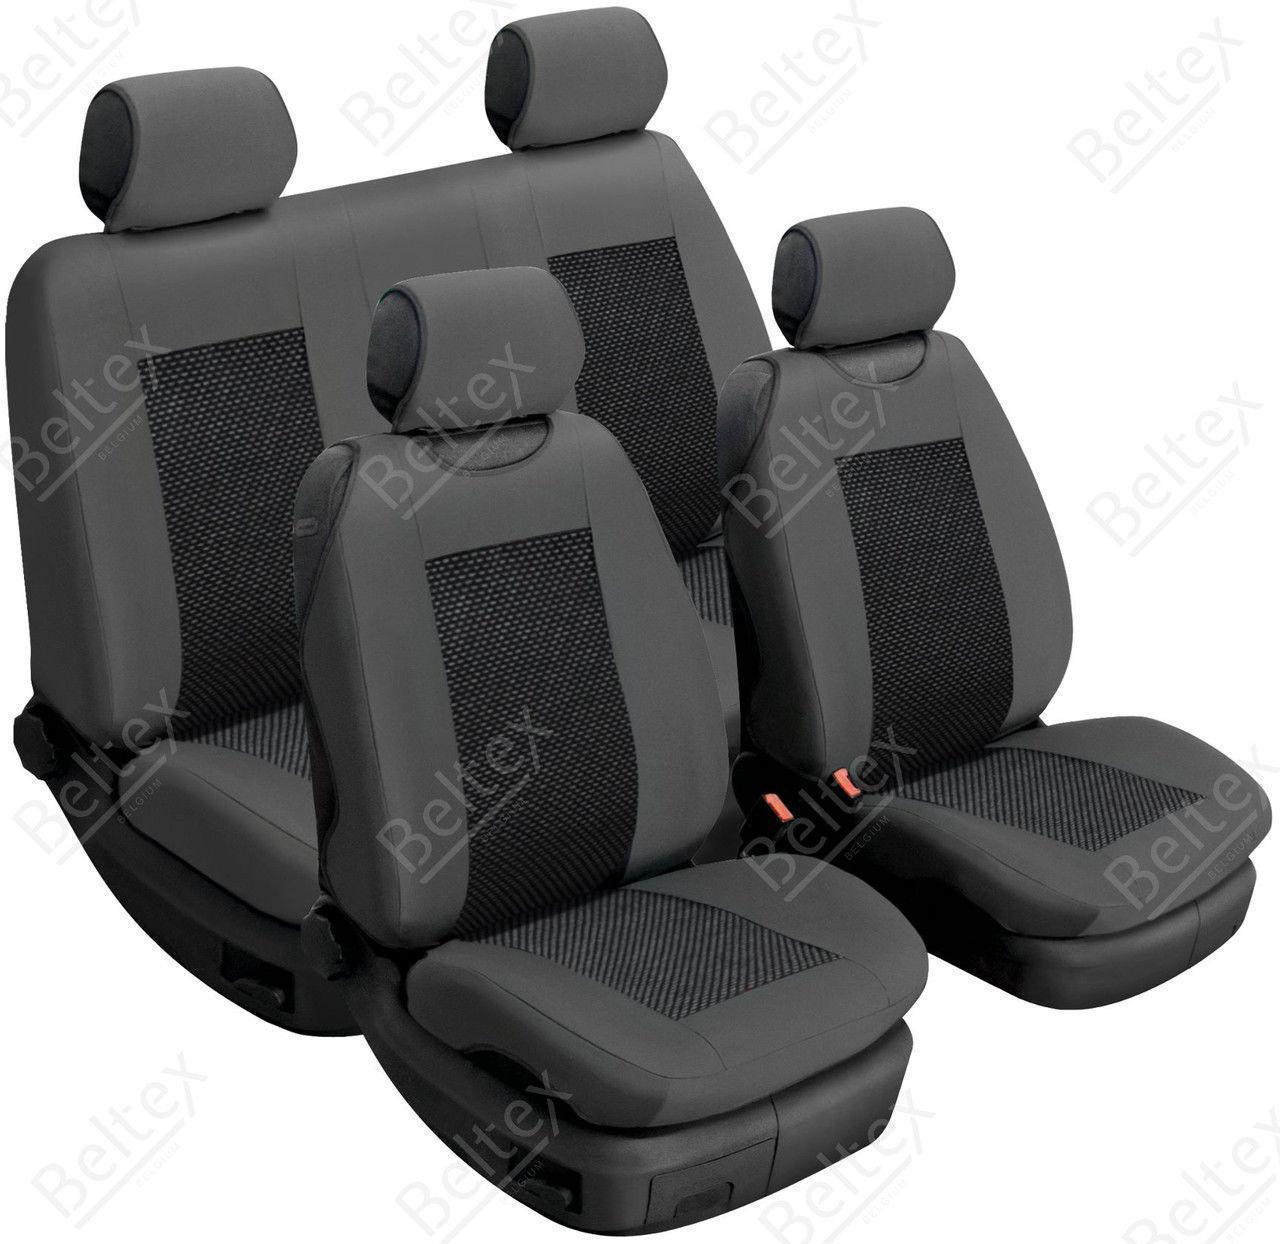 Майки/чехлы на сиденья Сеат Кордоба 2 (Seat Cordoba II), фото 1